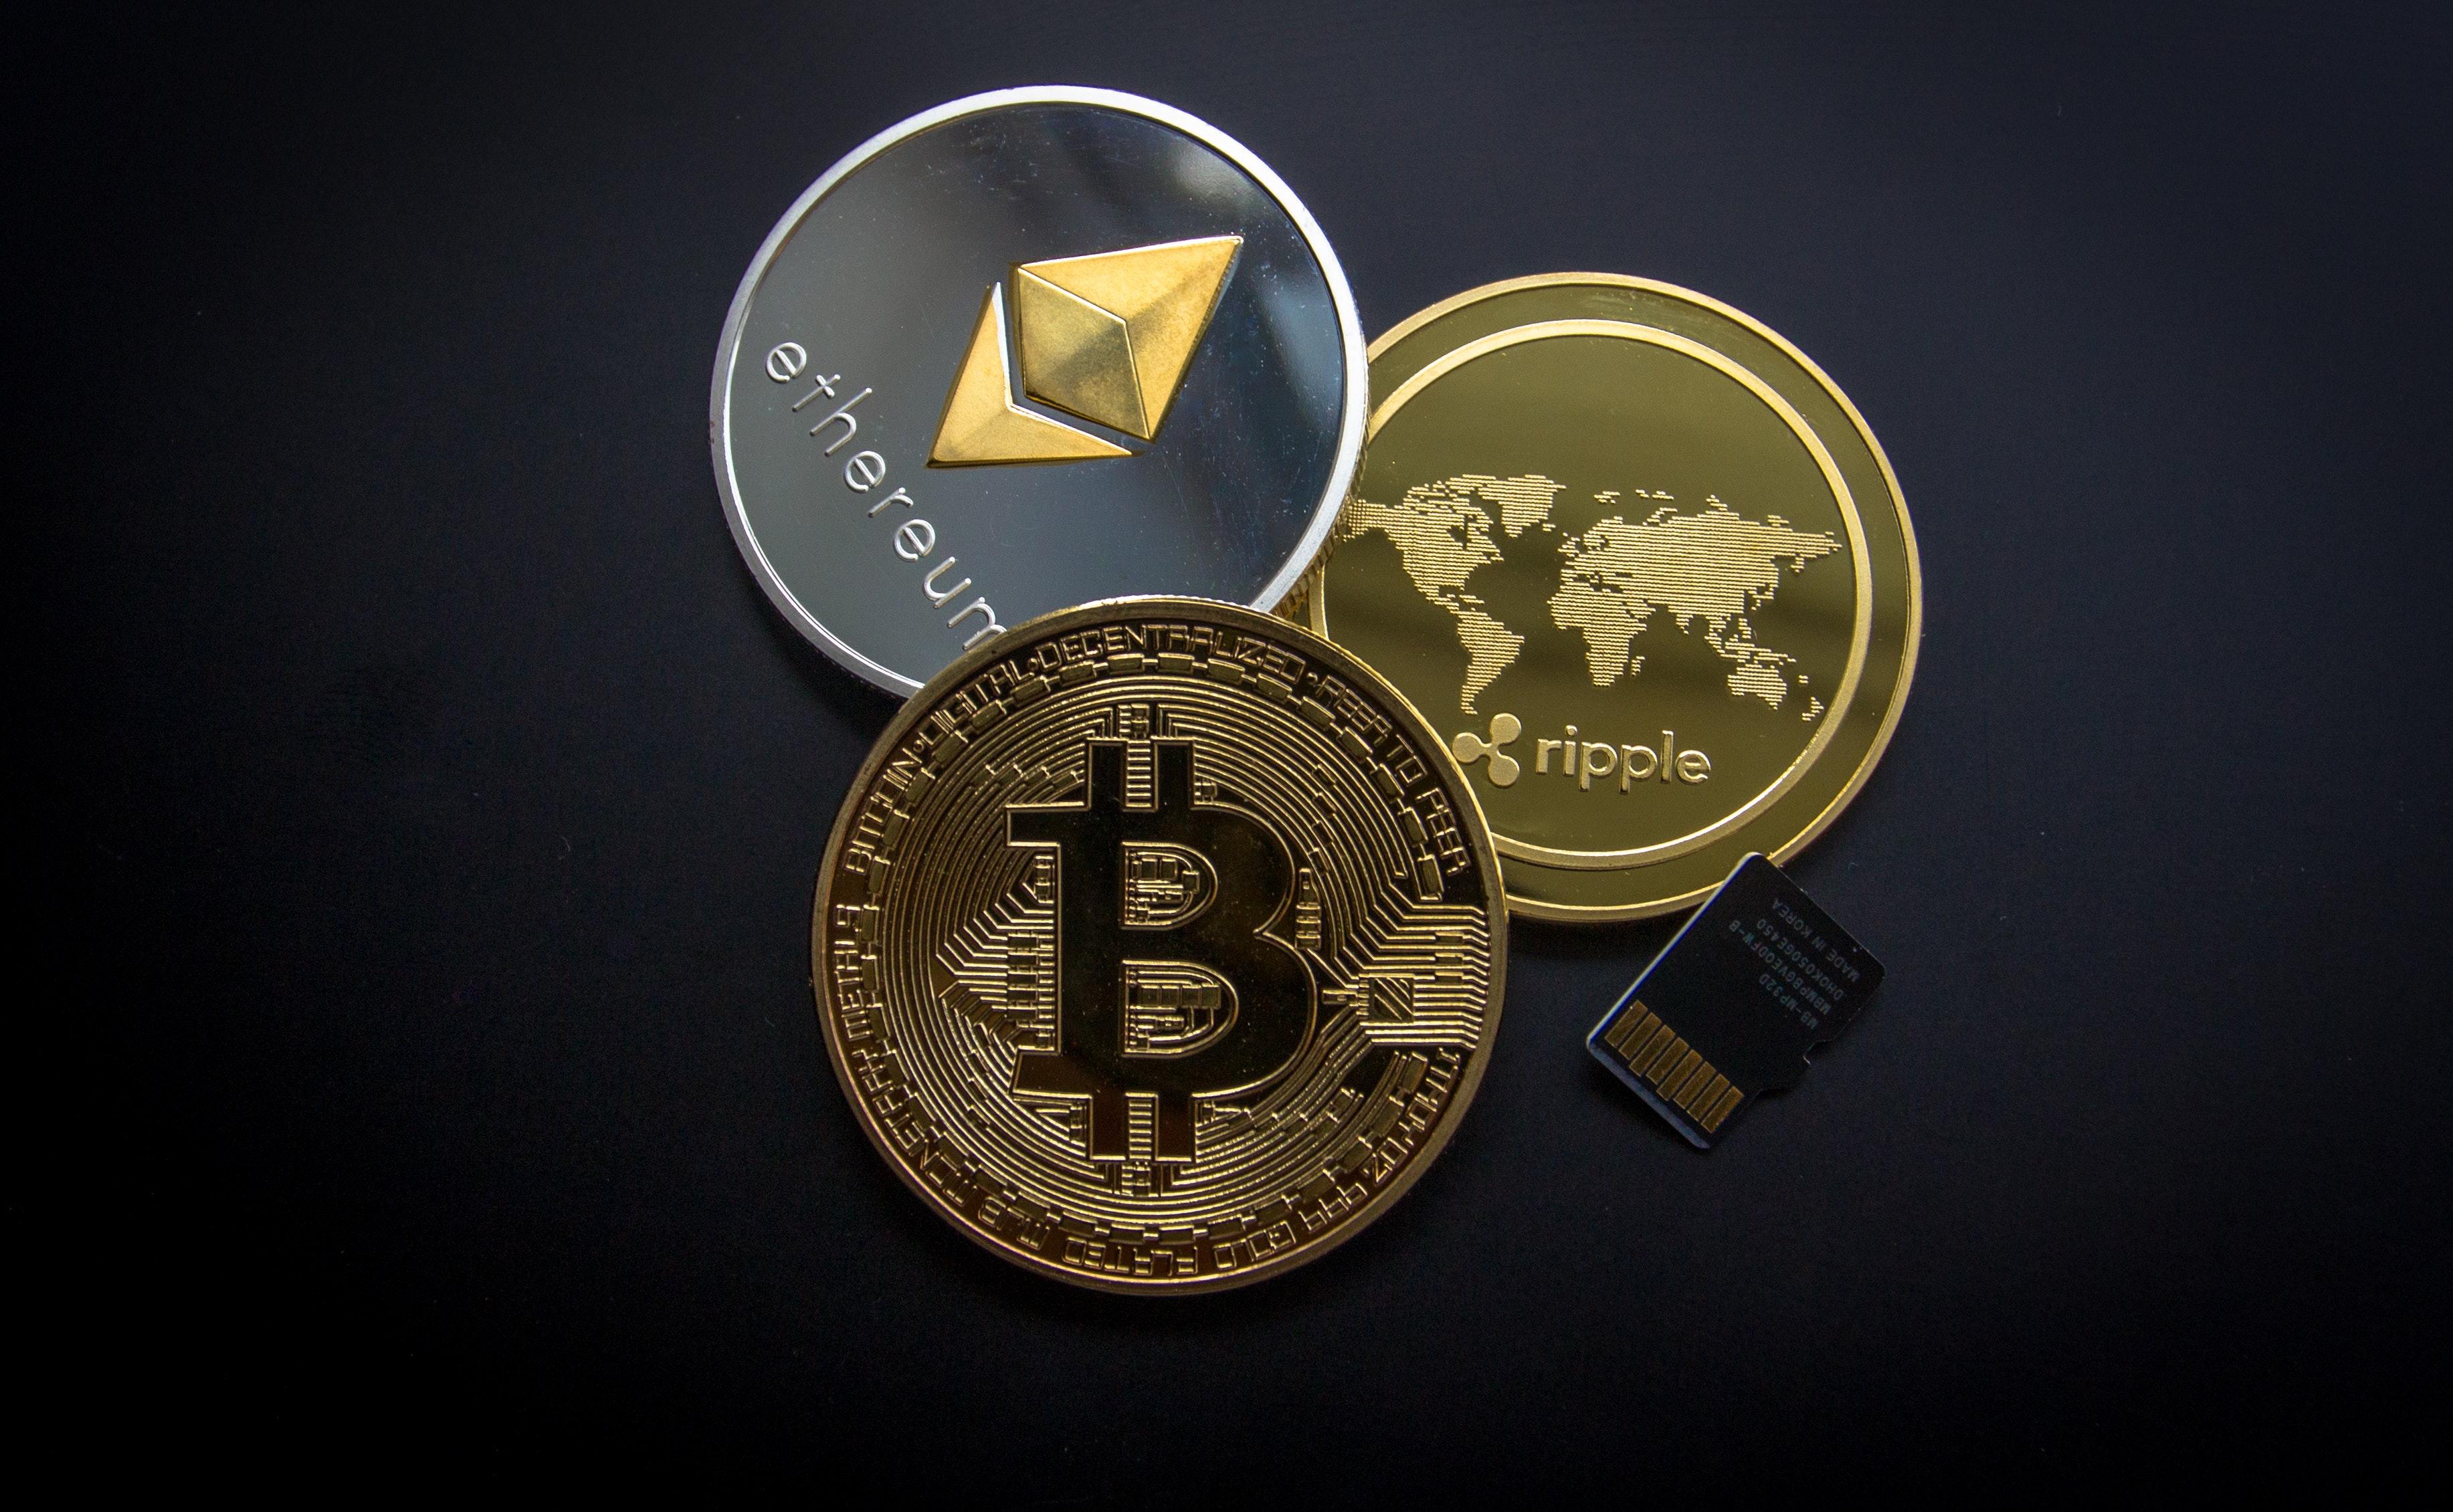 pirmasis pasitikėjimas bitcoin strategy etf simboliu